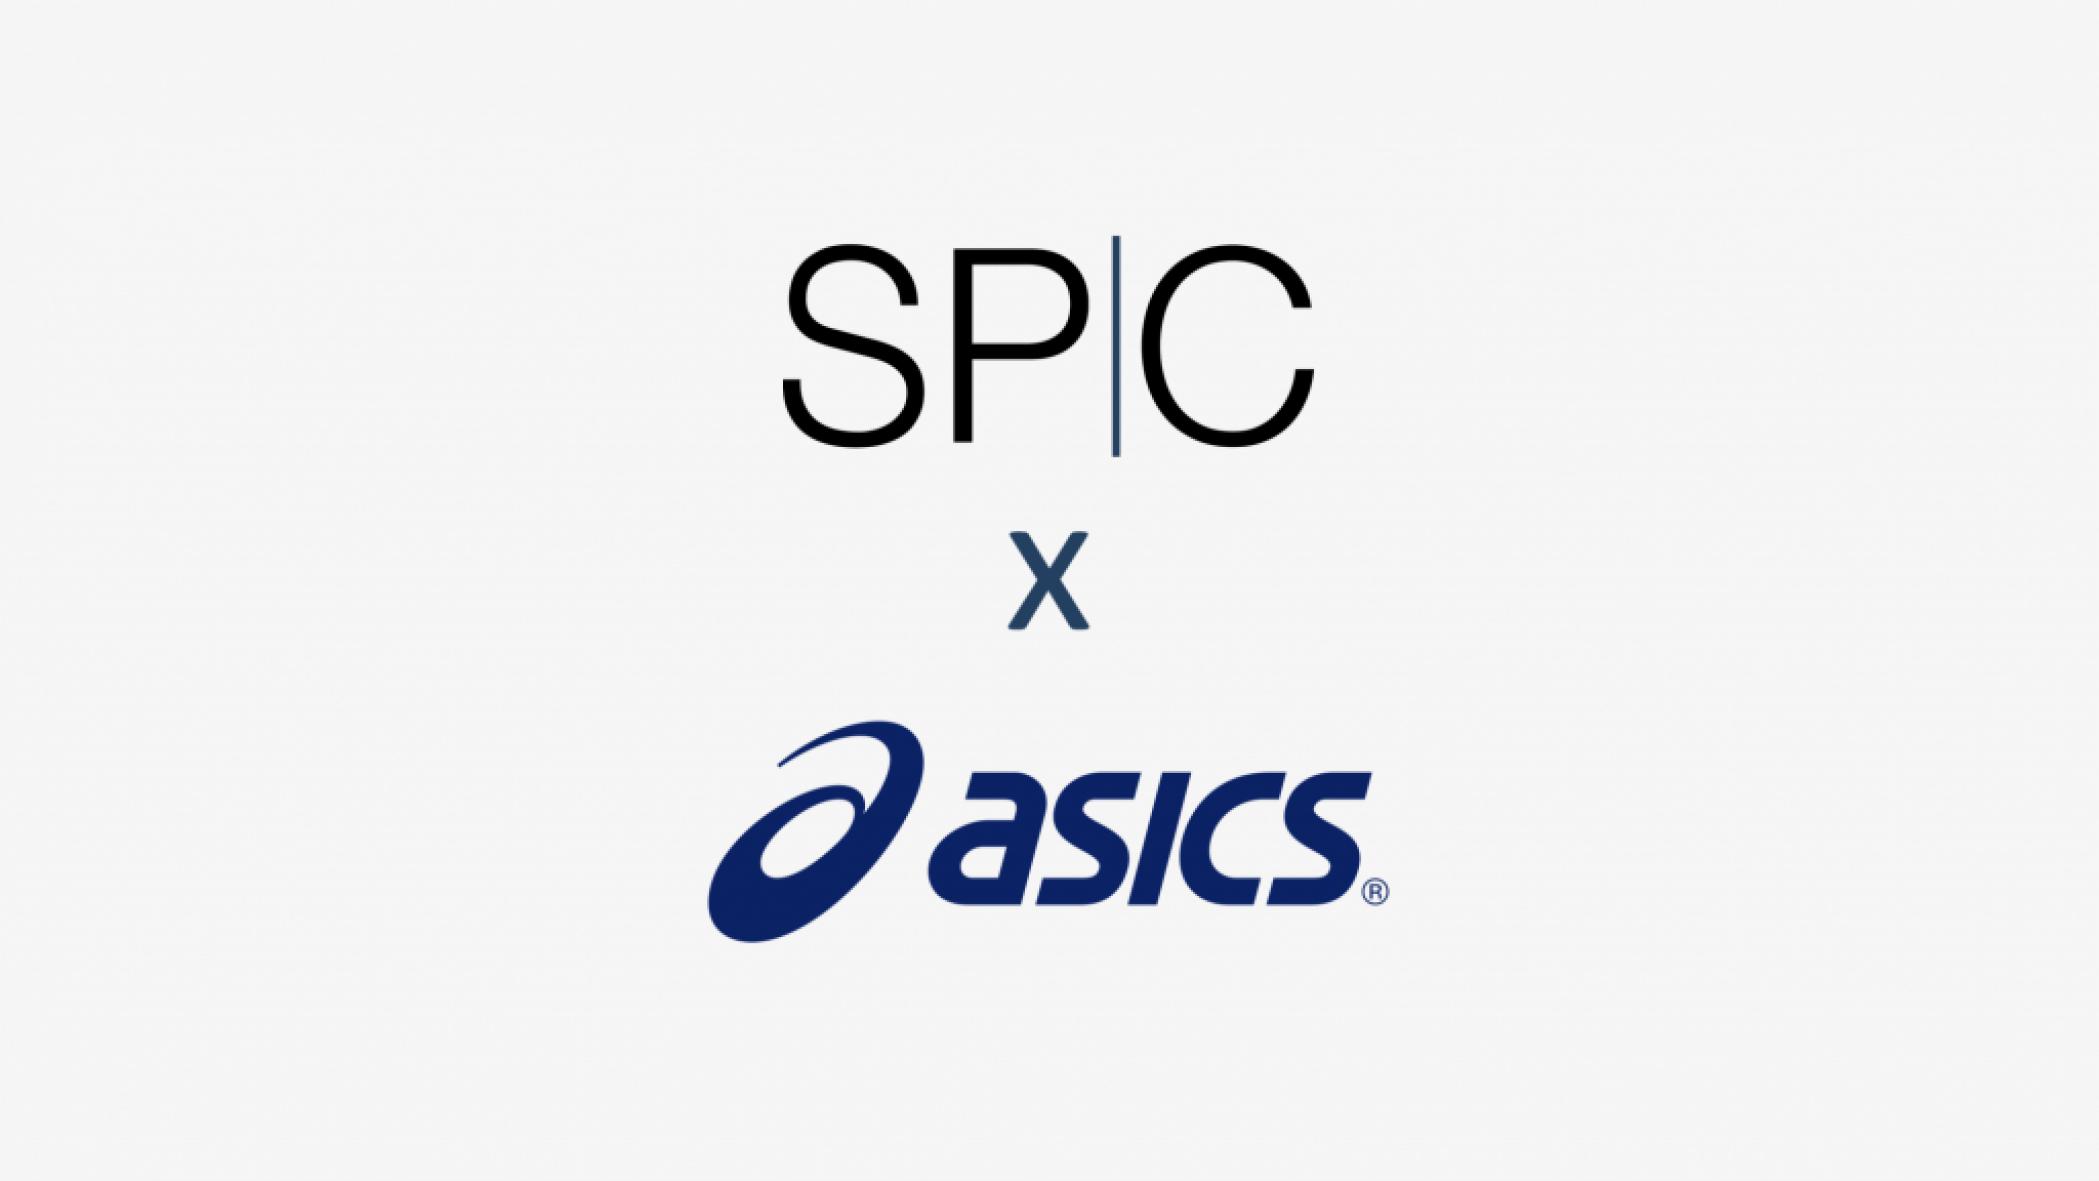 ASICSxSPC